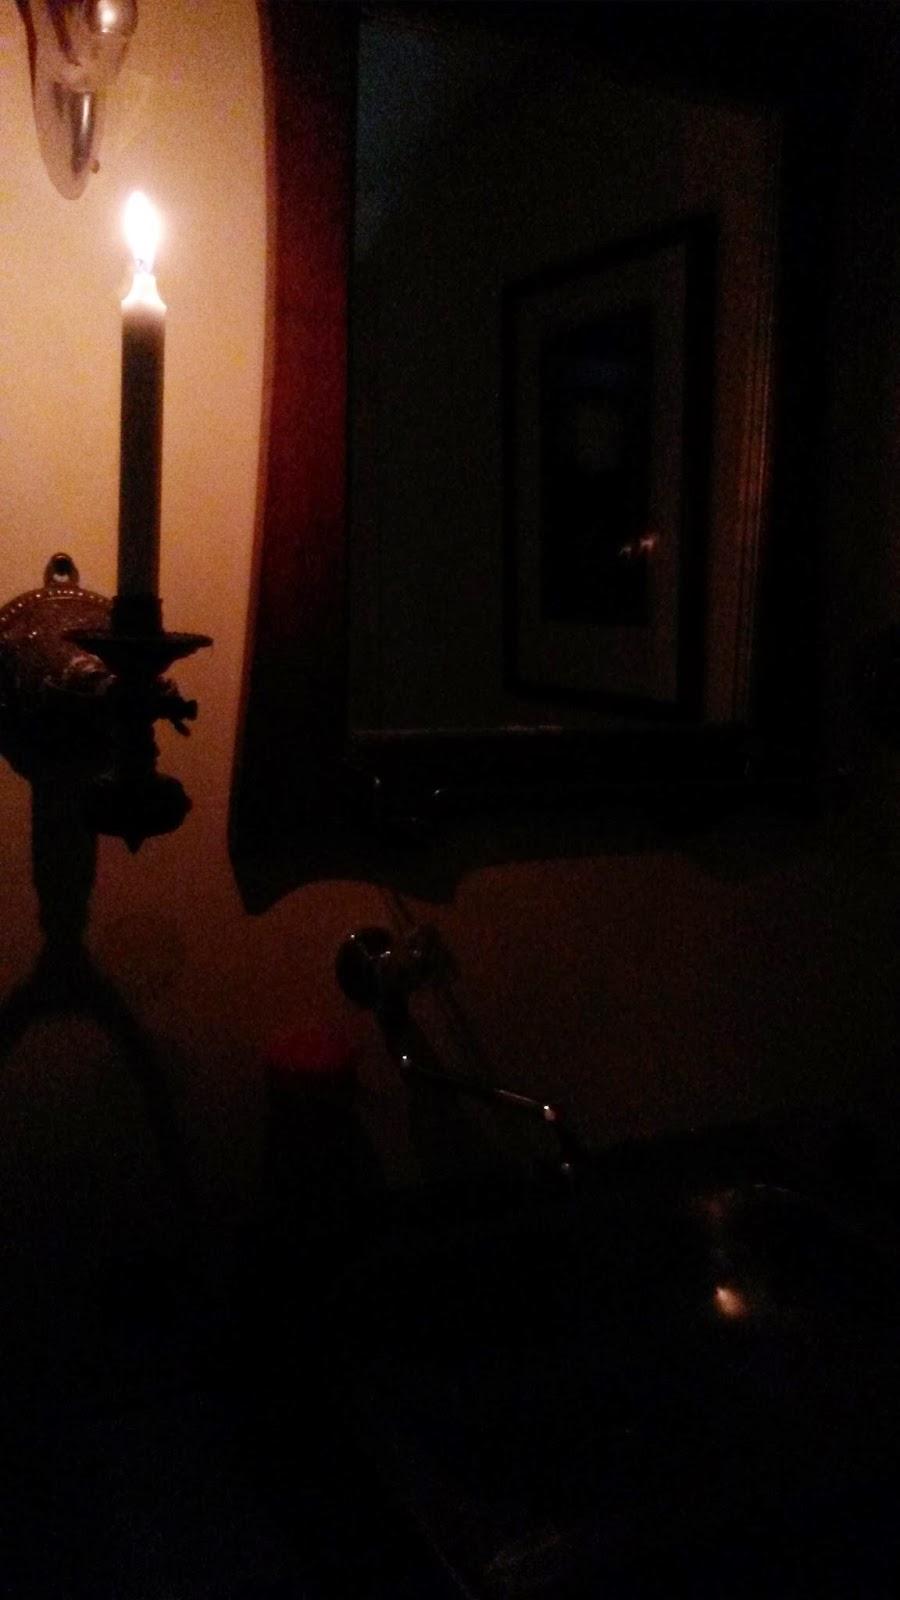 Kerzenschein am klo